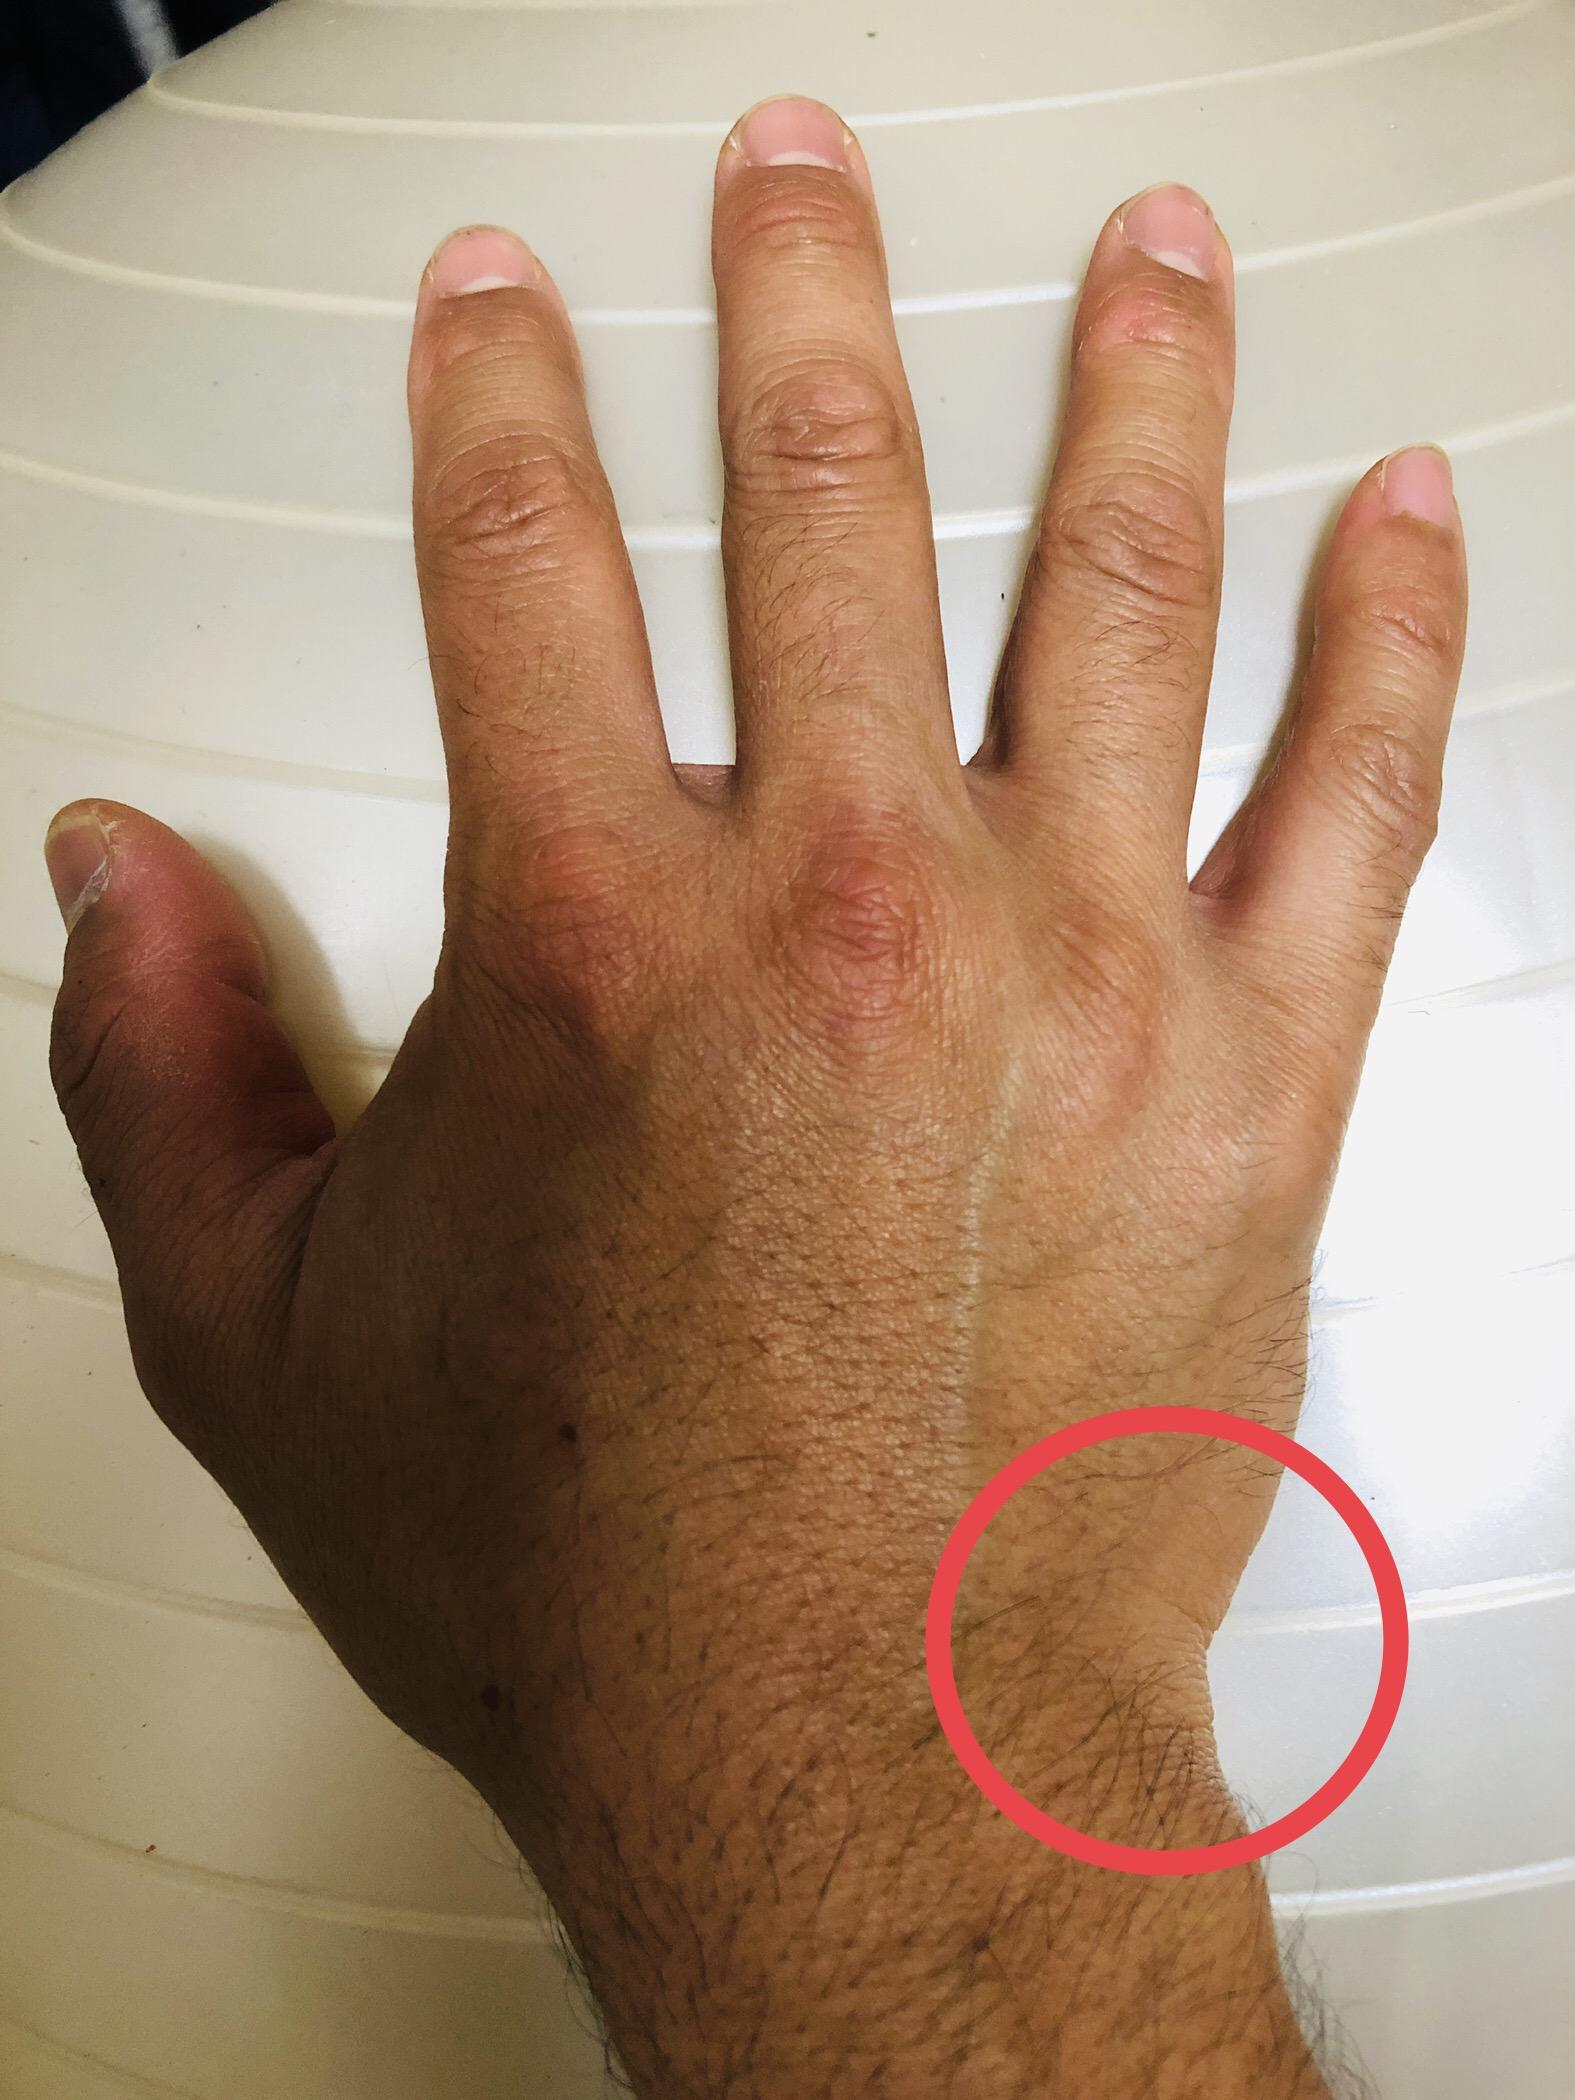 と 痛い 捻る 手首 捻ると痛いテニスによる手首の痛み ~TFCC損傷~